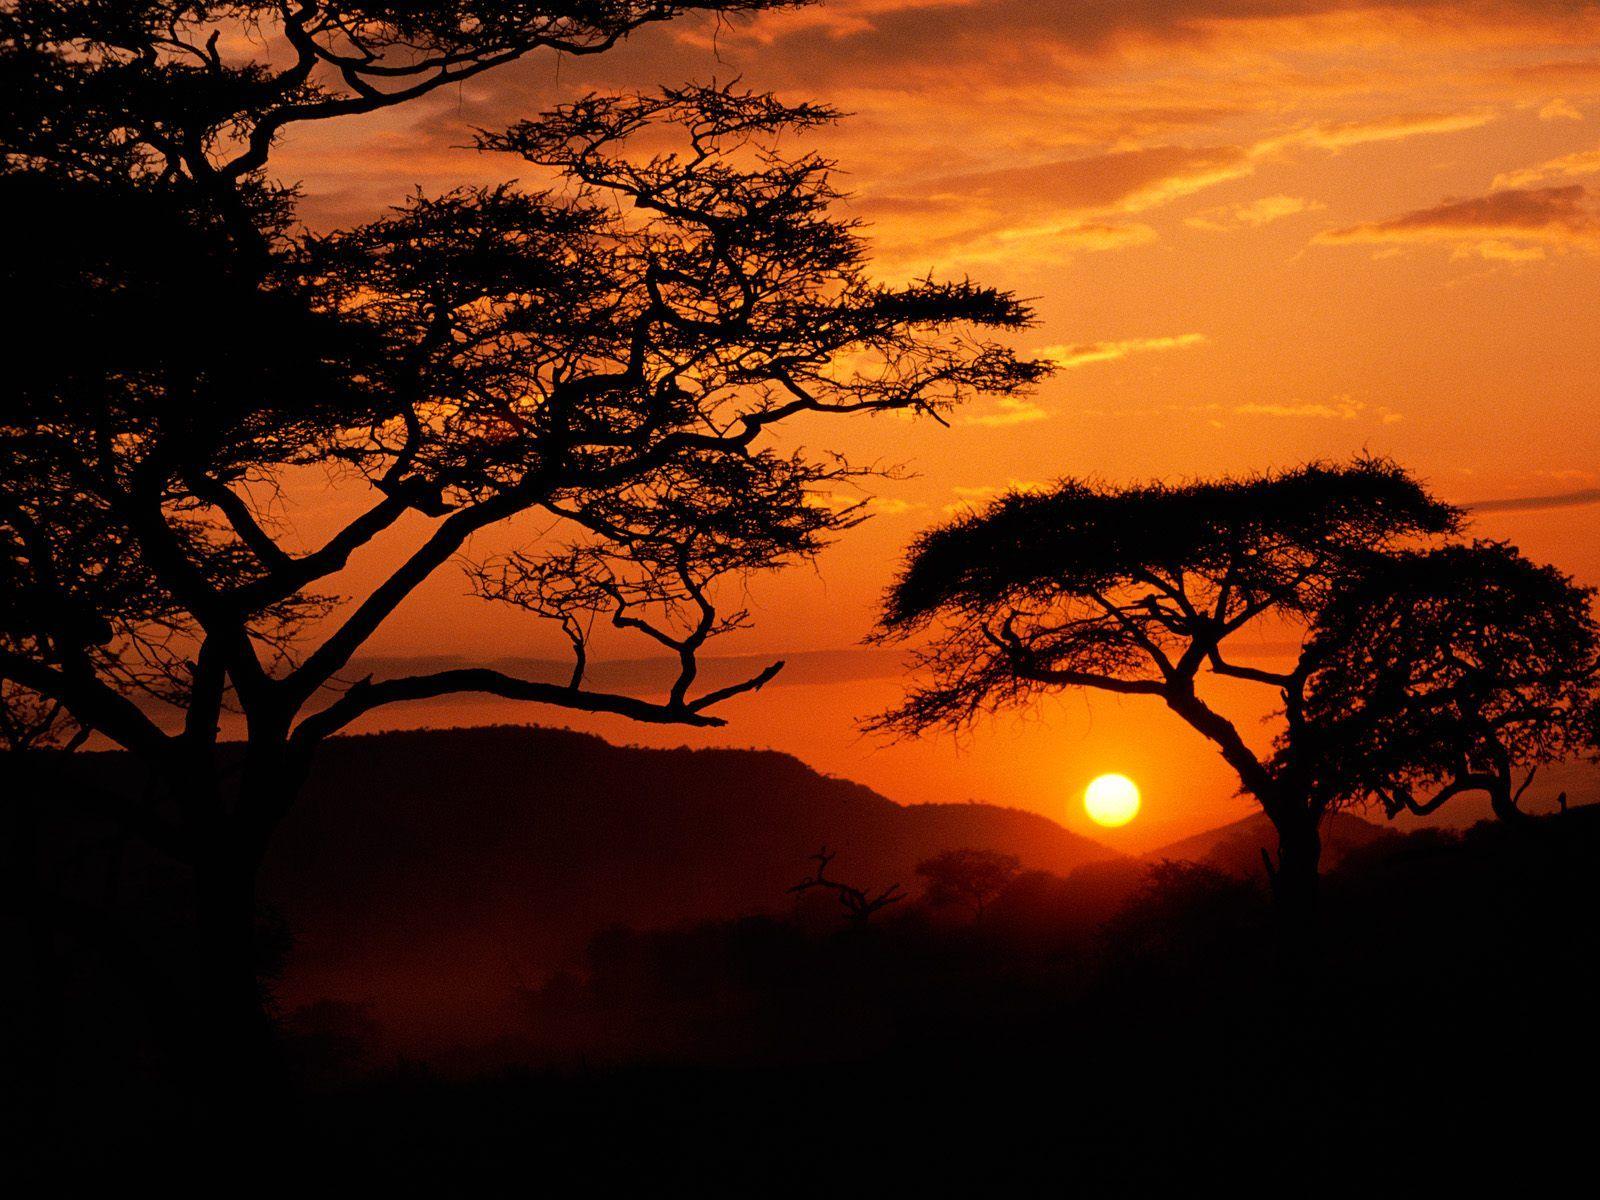 Sunset Fond D Ecran Arriere Plan 1600x1200 Id 199277 Magnifiques Couchers De Soleil Coucher De Soleil Coucher De Soleil Africain